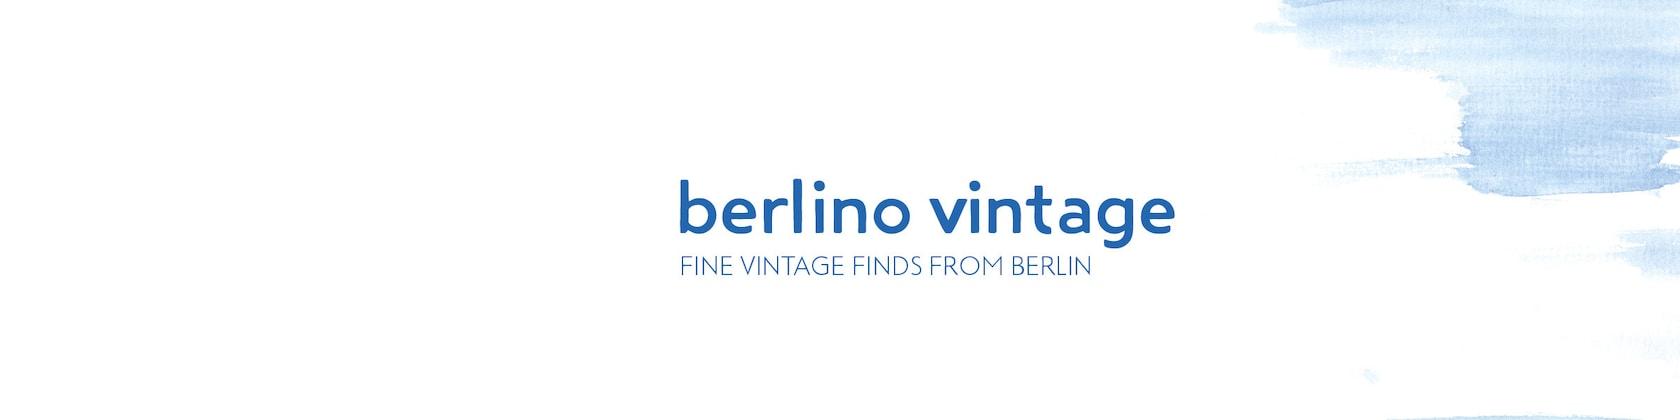 Fine Vintage Finds from Berlin I Vintage for von BerlinoVintage